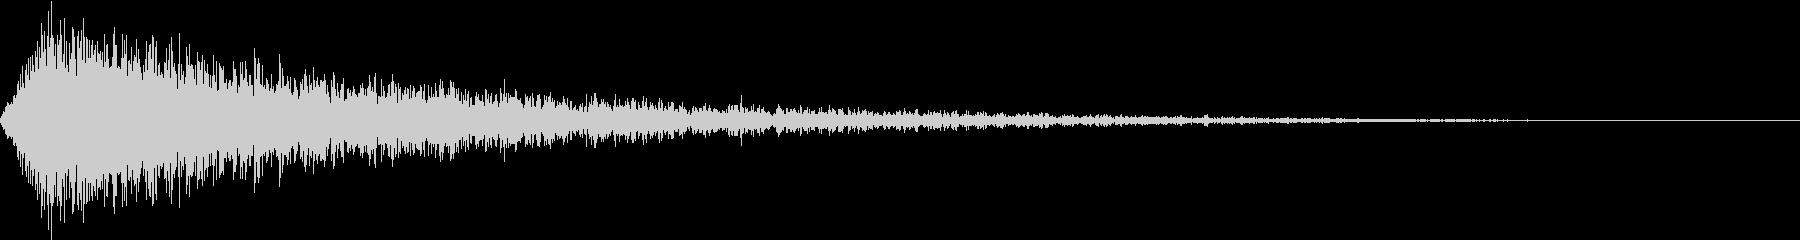 「○月○日ロードショー」の様な電子音の未再生の波形